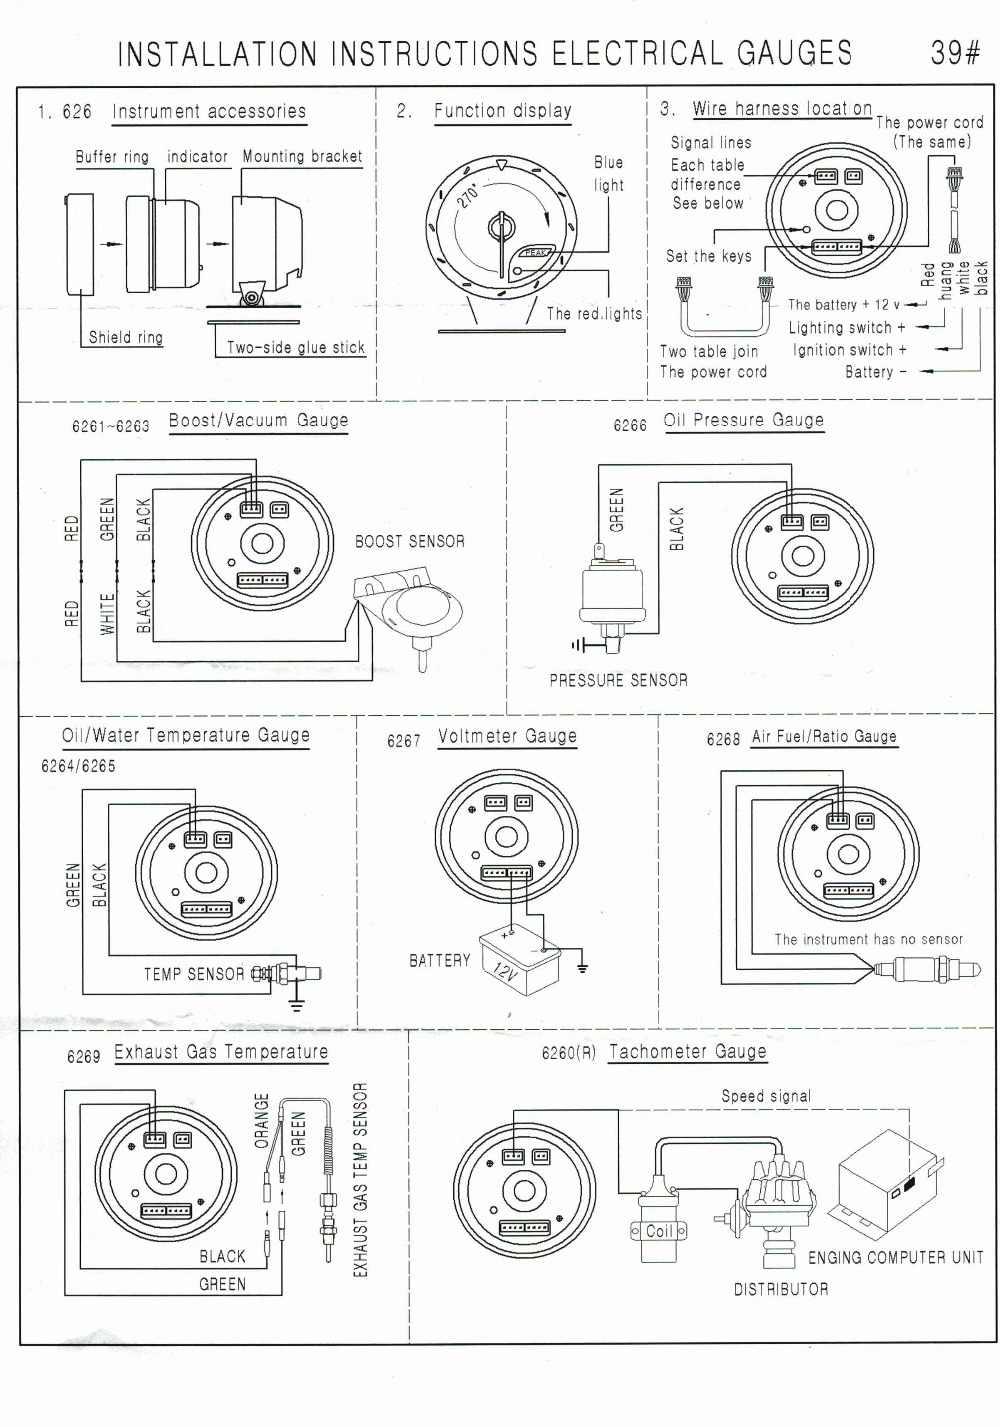 Oil Temp Gauge Wiring Diagram | Wiring Diagrams Water Temp Gauge Wiring Diagram on